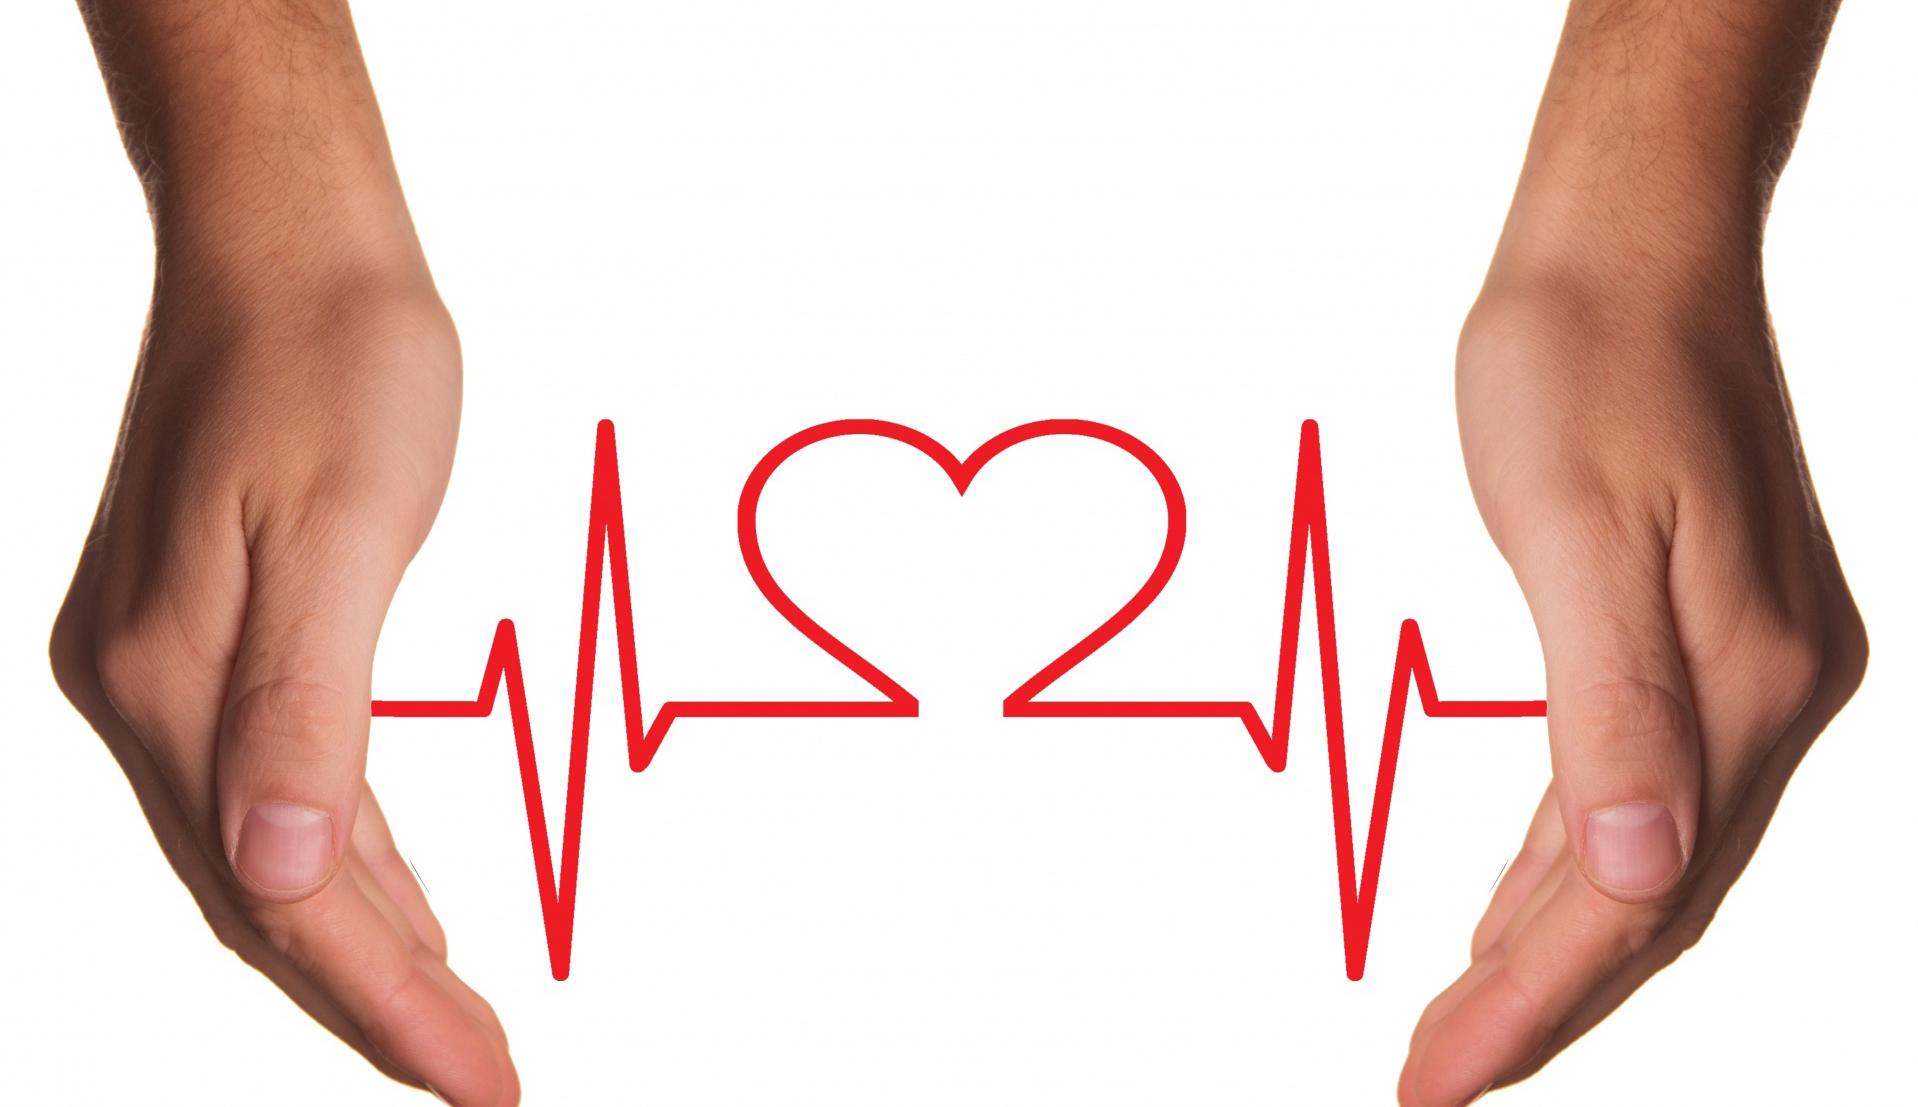 Imagem. Legislação - Publicidade em Saúde